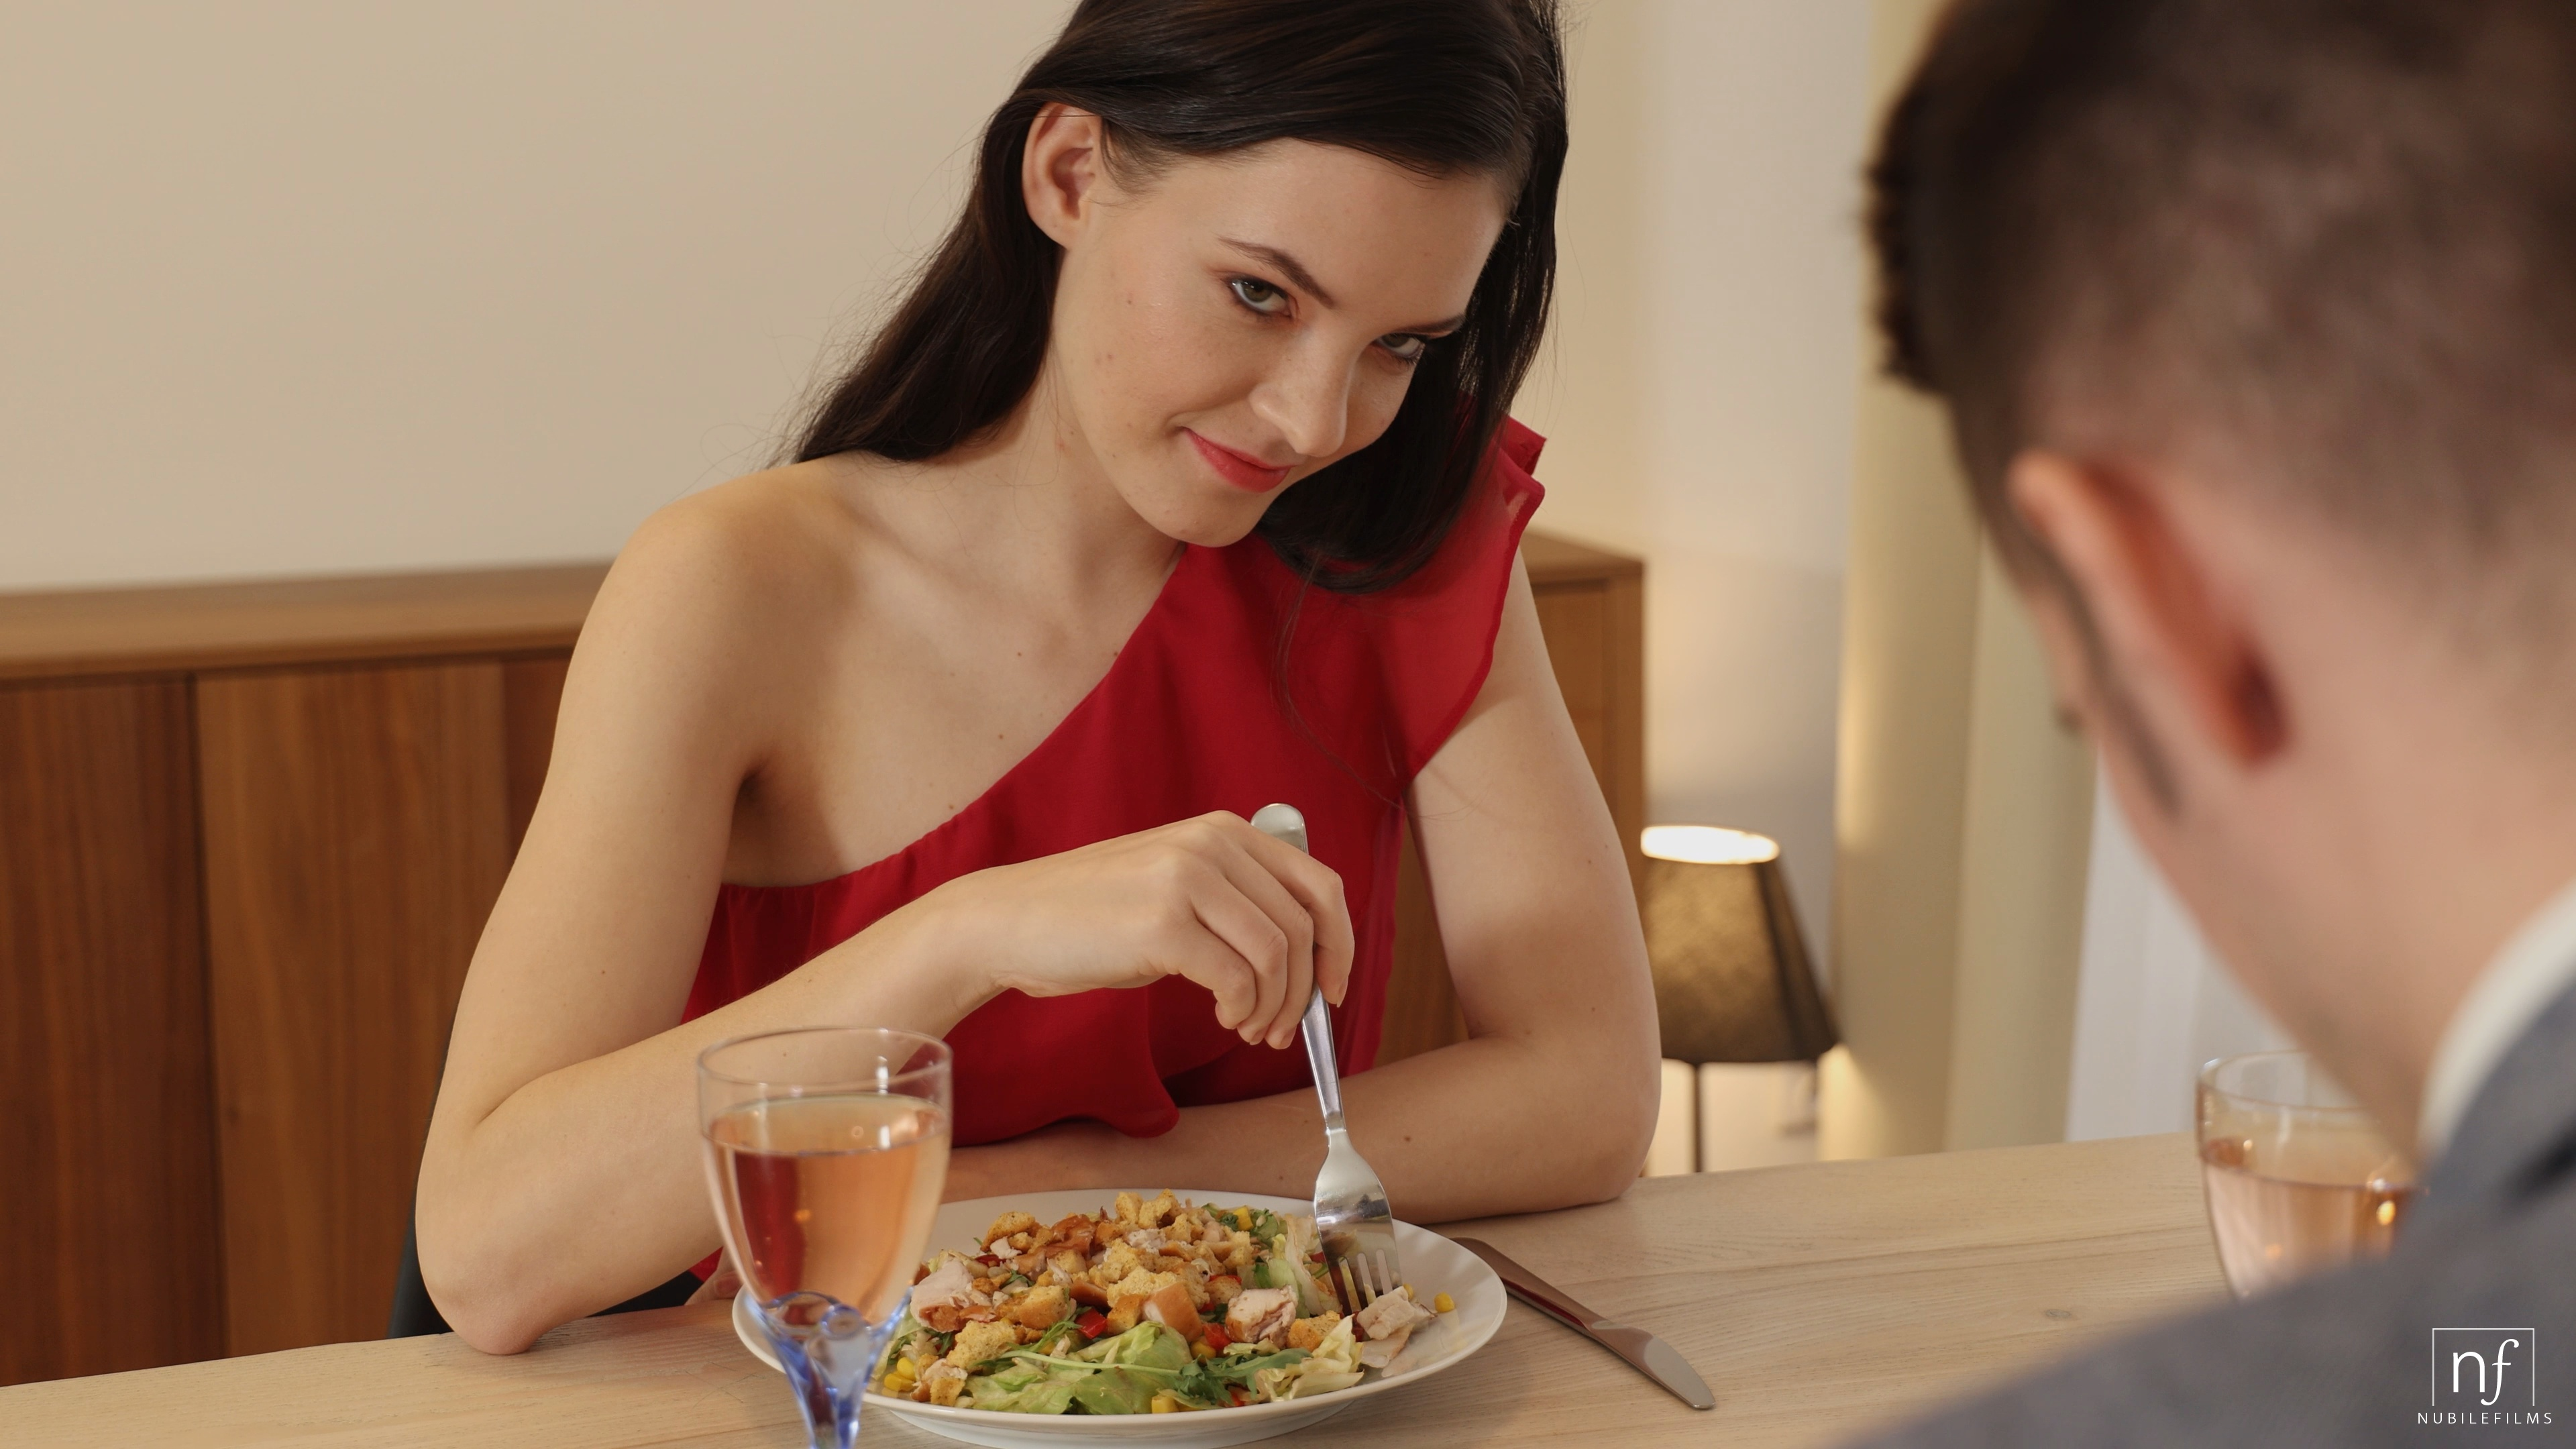 NubileFilms.com - Anie Darling,Sam Bourne: Have A Taste - S38:E15